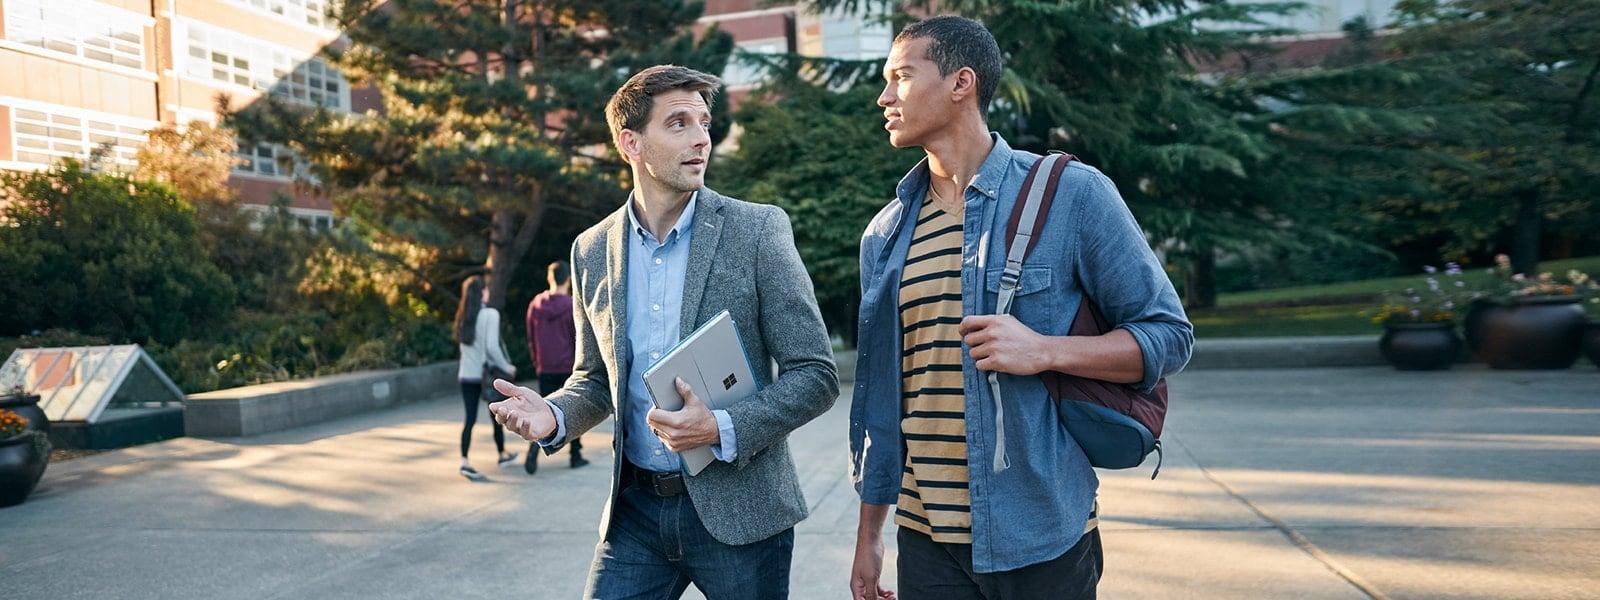 携带 Microsoft 设备的教师和学生